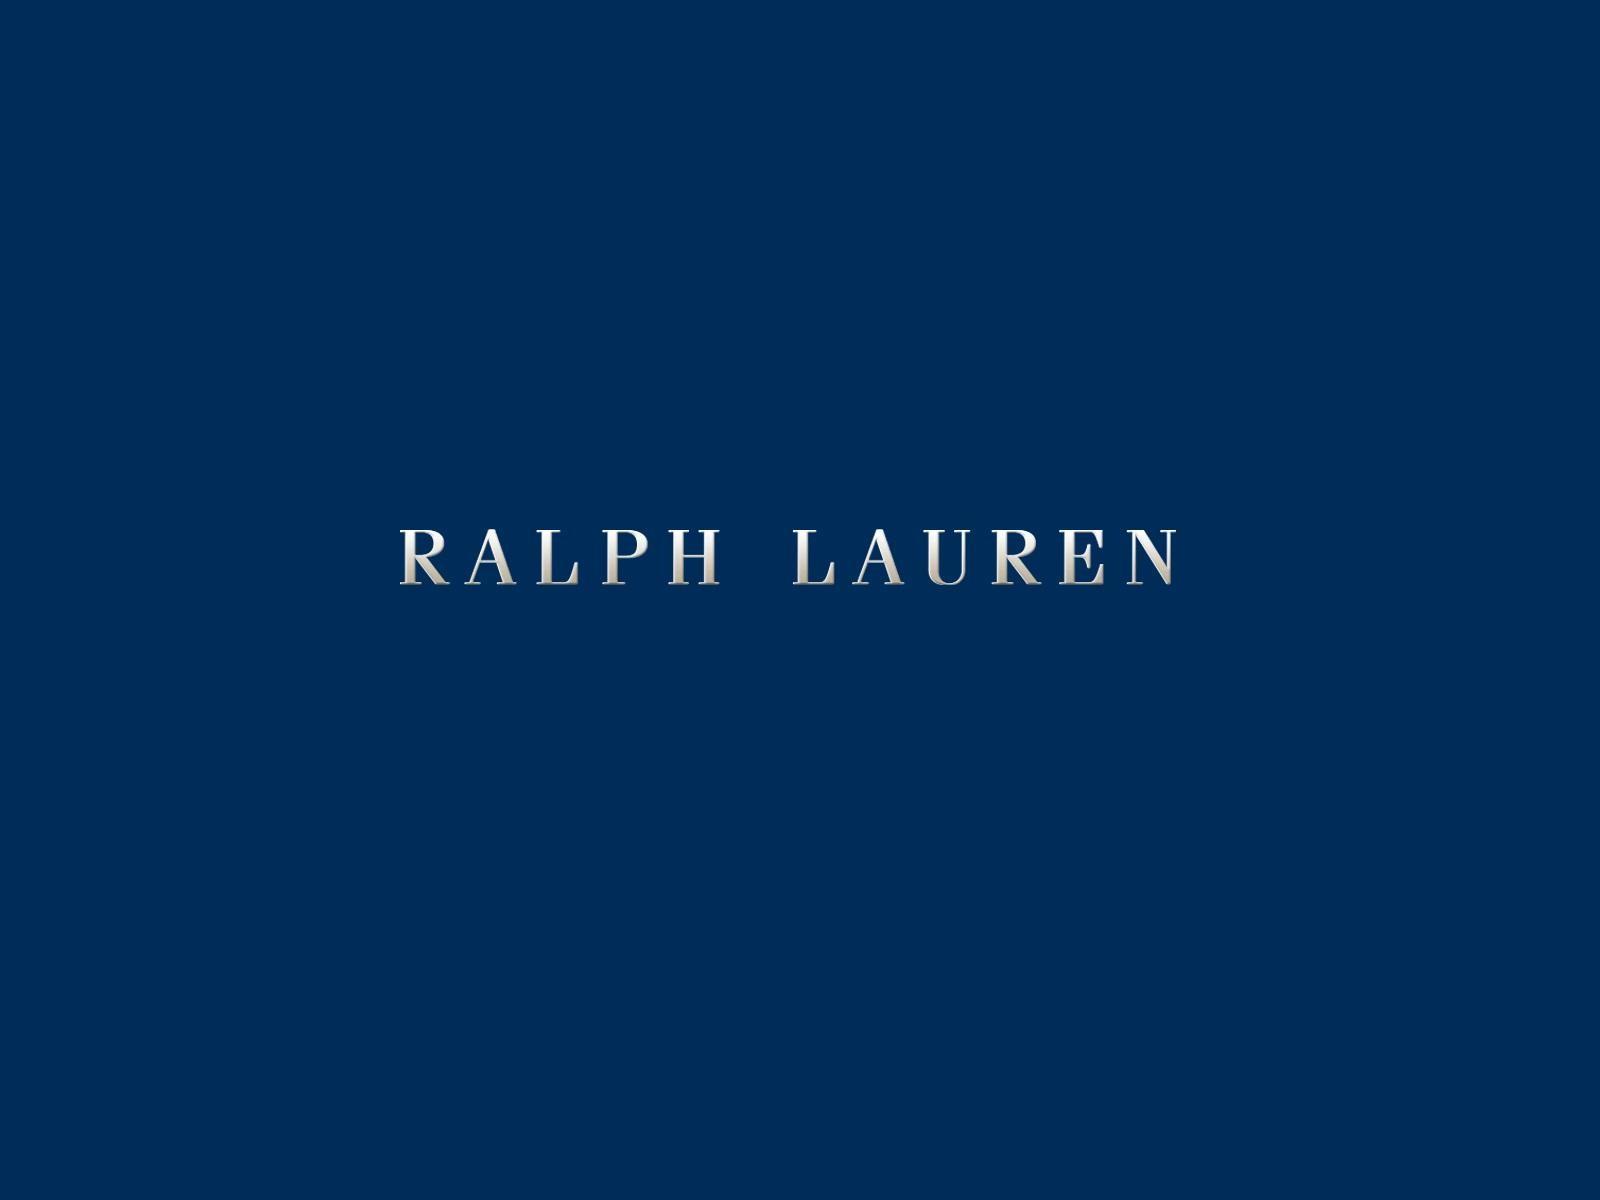 ラルフローレン 表参道 メール・電話対応スタッフのアルバイト情報